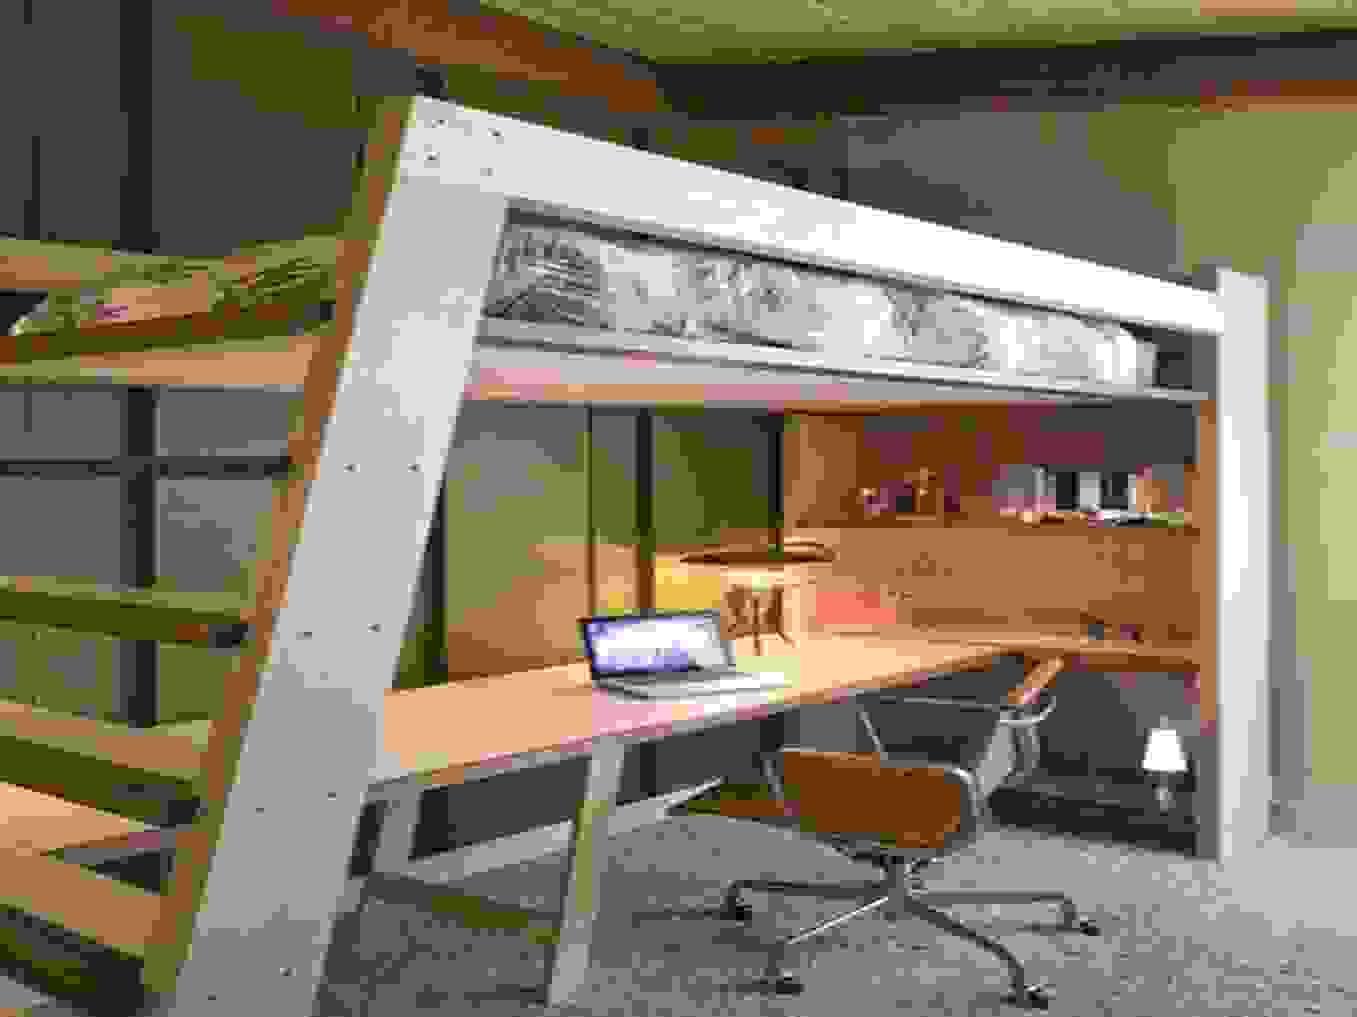 Herrlich Schlafzimmer Ideen Kleine Räume Ist Tolle von Schlafzimmer Ideen Kleine Räume Bild